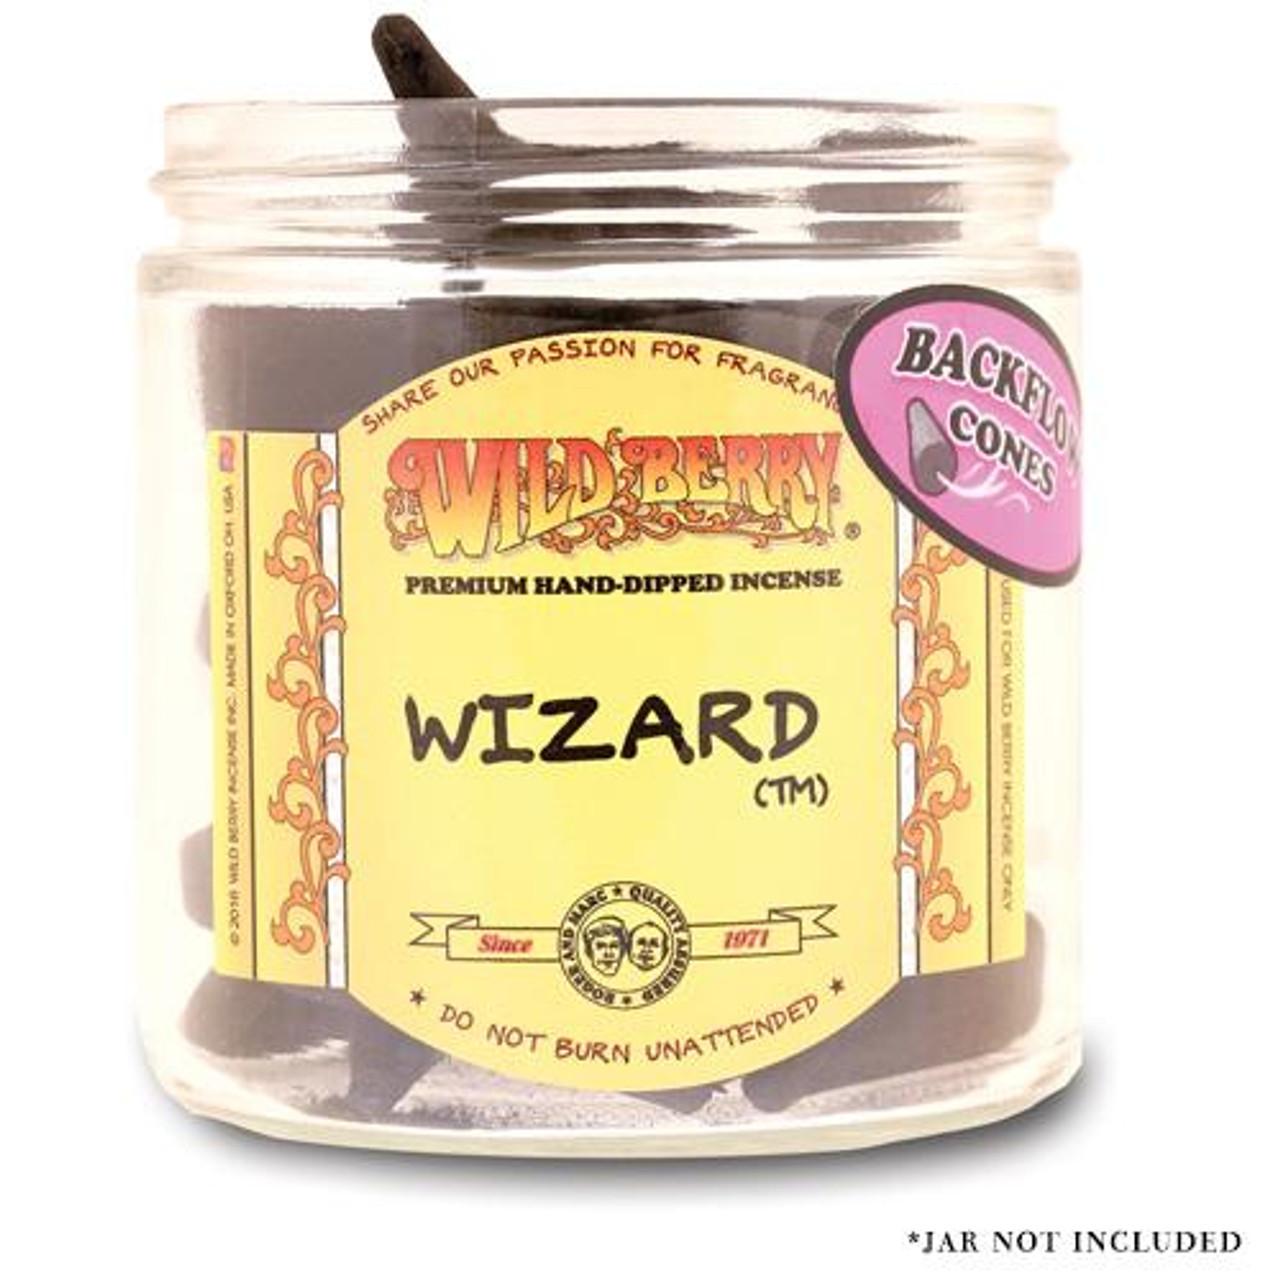 Wildberry Backflow Cones - Wizard